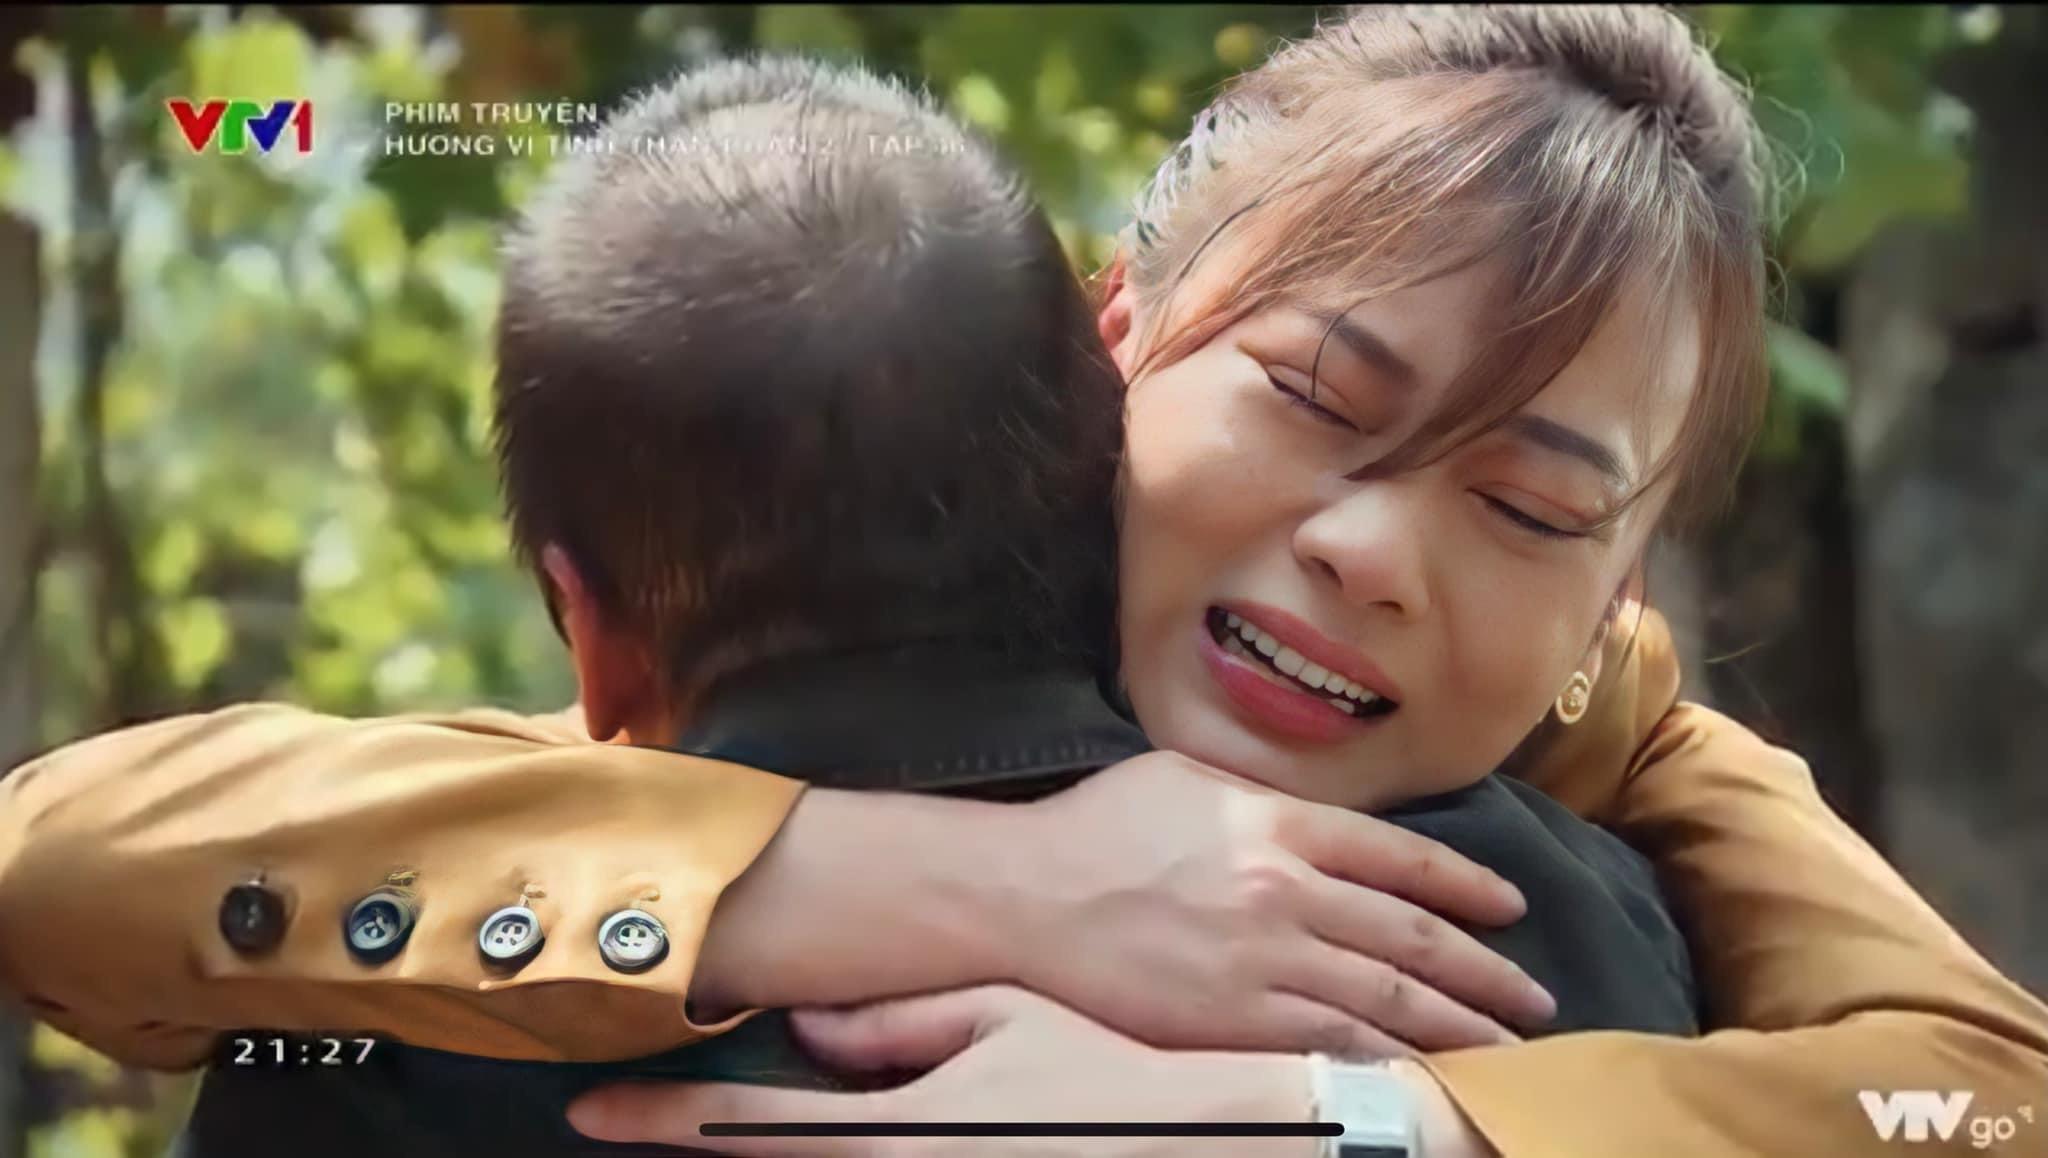 NS Võ Hoài Nam và Phương Oanh bị vai diễn 'nhập', lên MXH vẫn khiến khán giả 'khóc thành dòng sông' vì tình cảm cha con